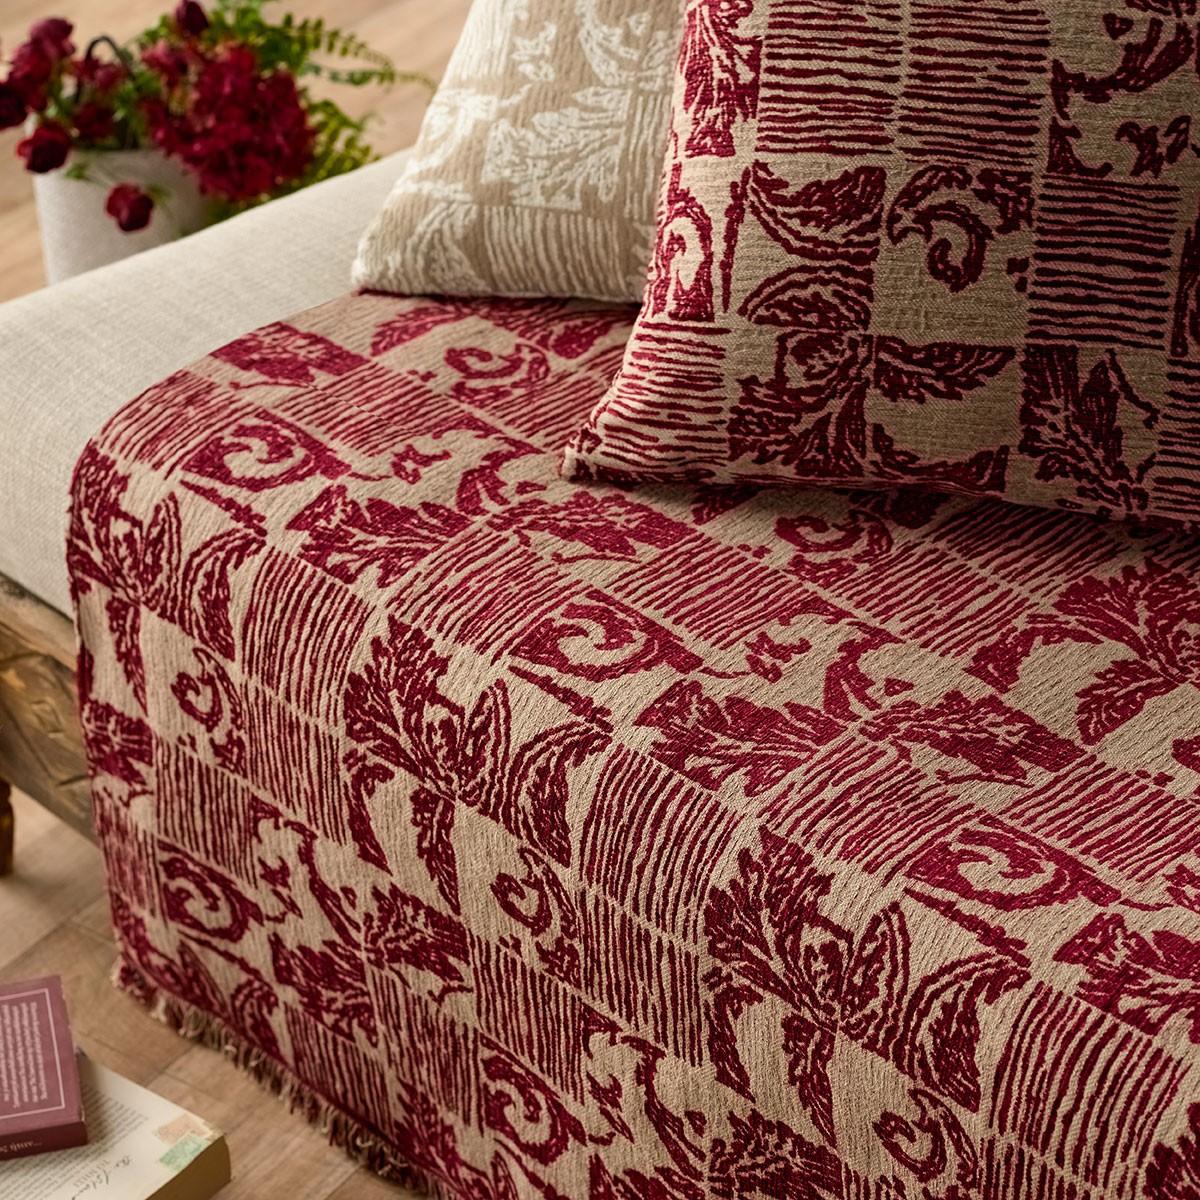 Ριχτάρι Τετραθέσιου (180x350) Gofis Home Mosaic Bordeaux 851/02